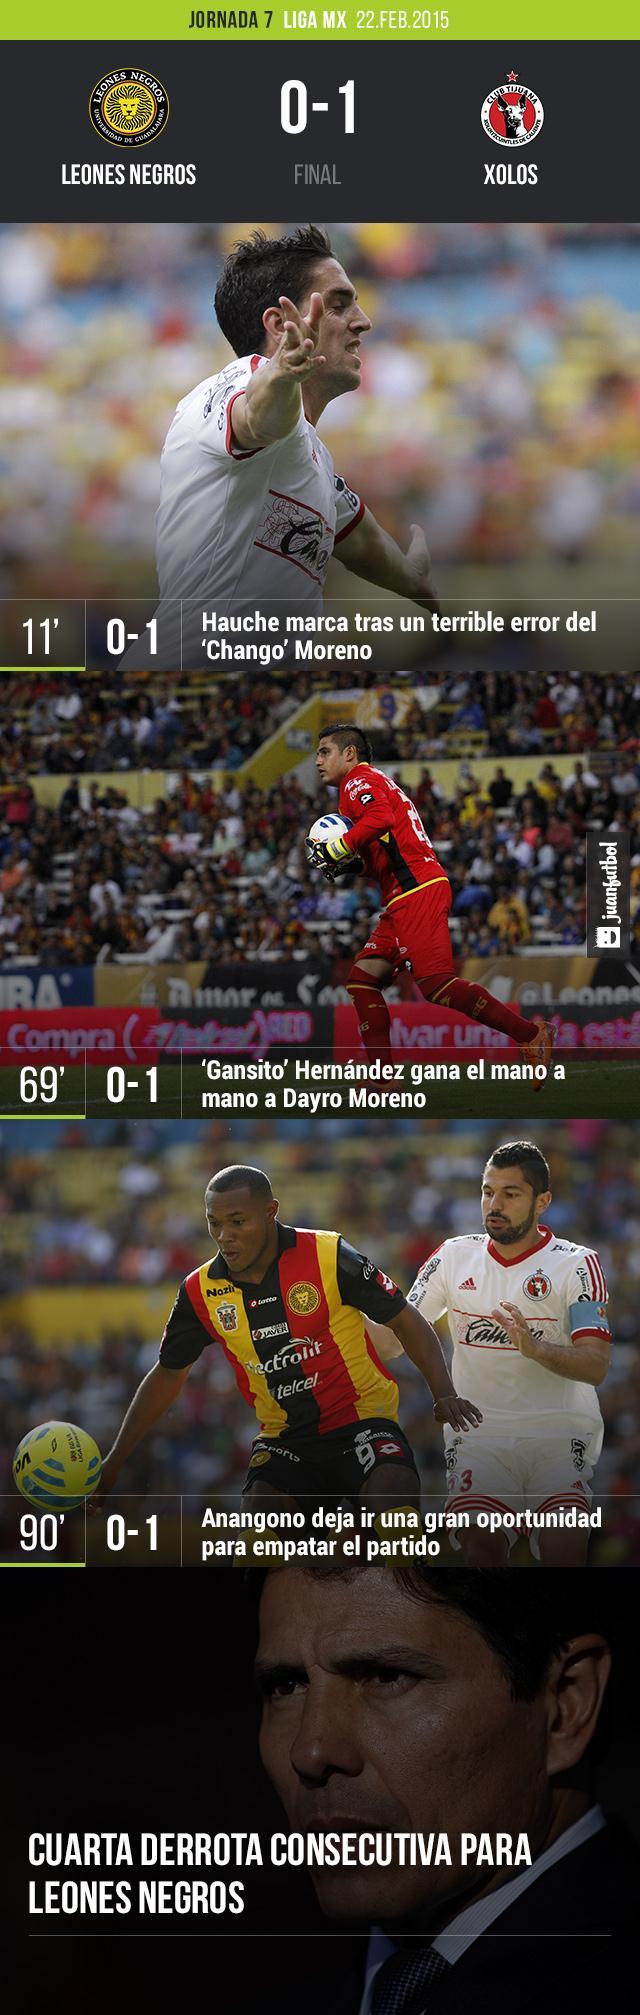 Leones negros cae 0-1 con Xolos en la jornada 7 de la Liga MX. Alfonso Sosa suma cuatro derrotas consecutivas al frente de la U de G.